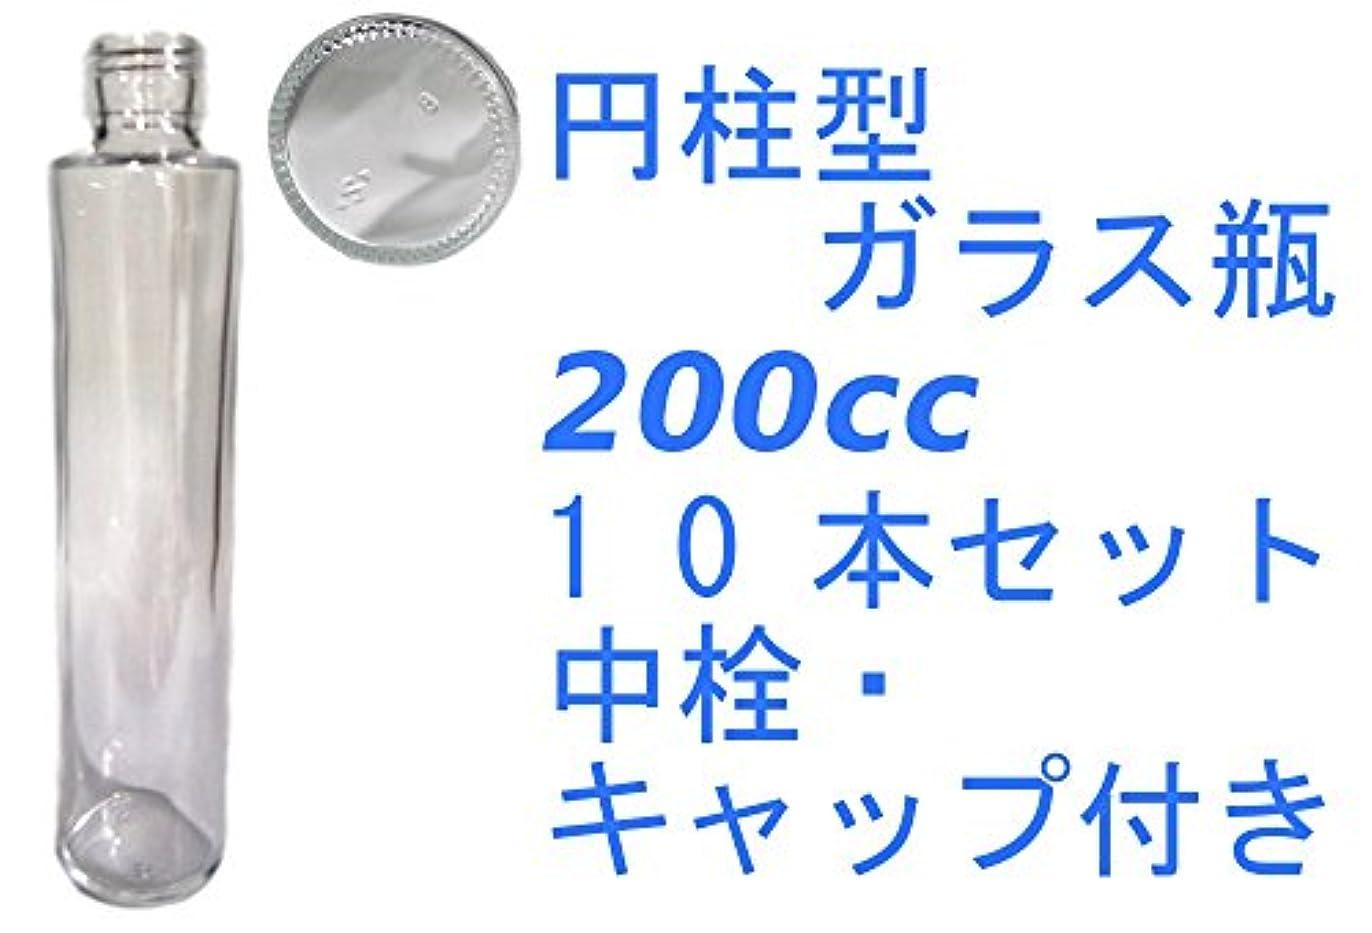 篭航空便アーチ(ジャストユーズ)JustU's 日本製 ポリ栓 中栓付き円柱型ガラス瓶 10本セット 200cc 200ml アロマディフューザー ハーバリウム 調味料 オイル タレ ドレッシング瓶 B10-SSS200A-A